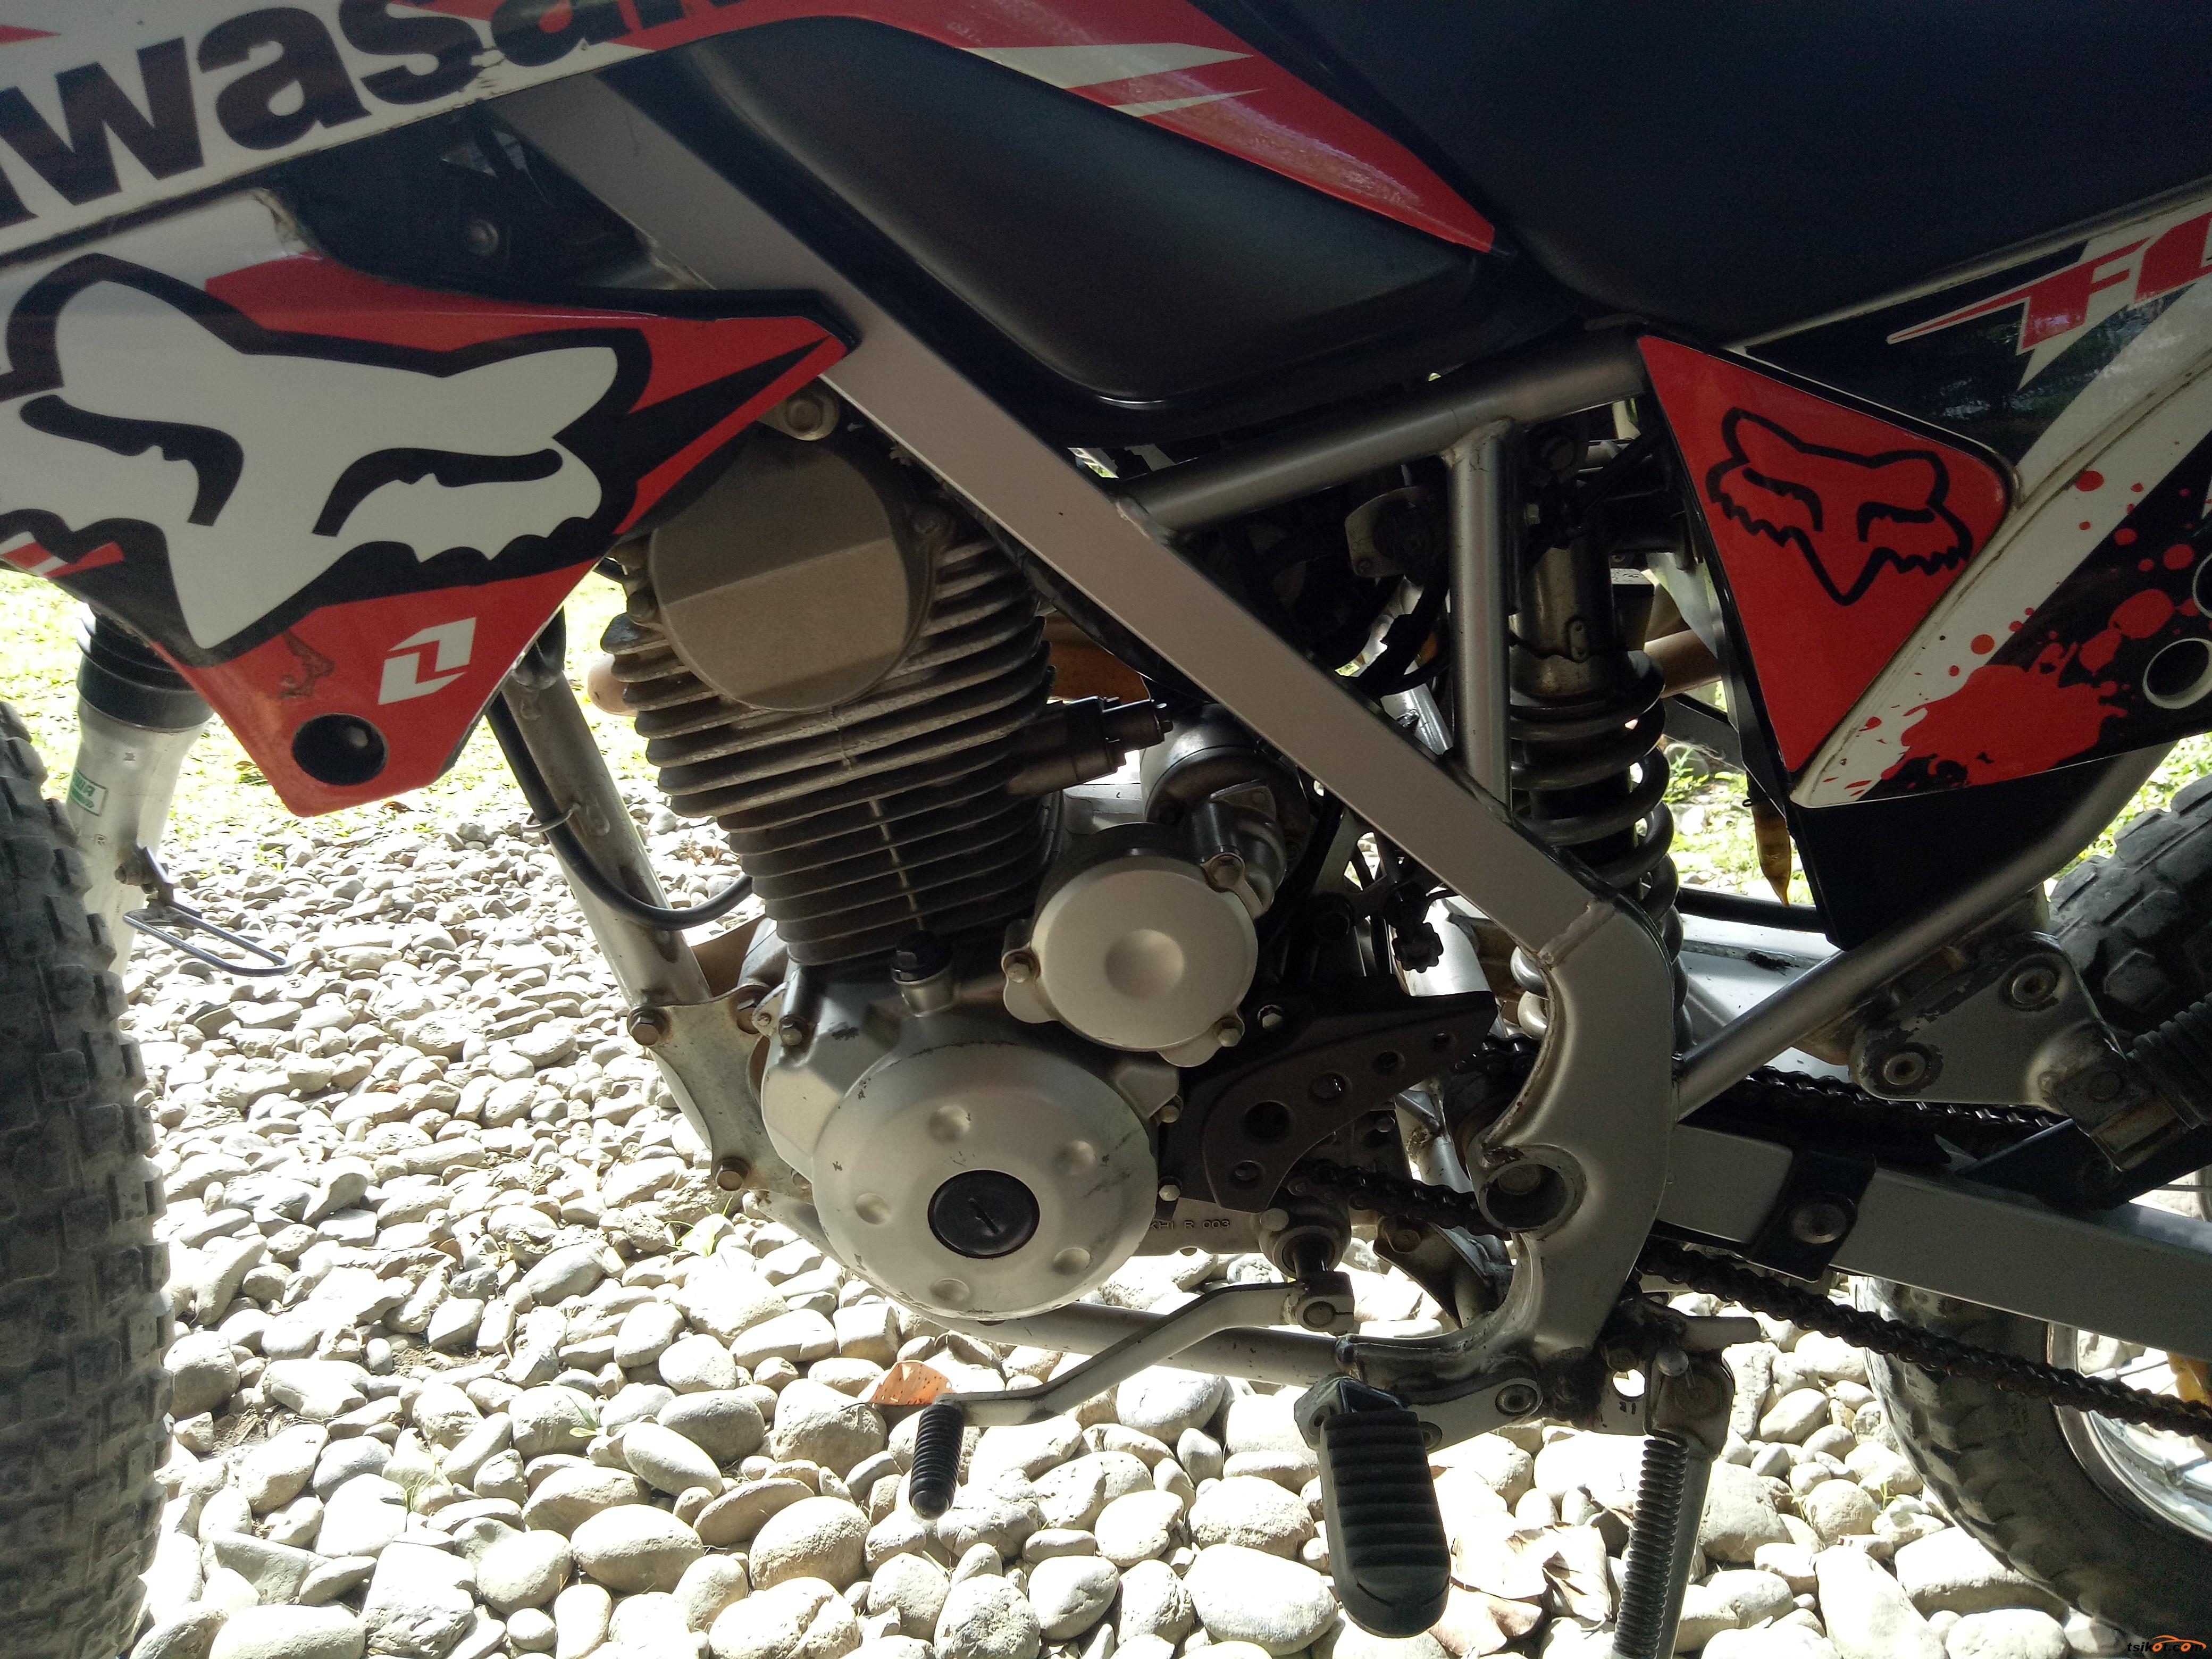 Kawasaki Klx 140 2013 - 2